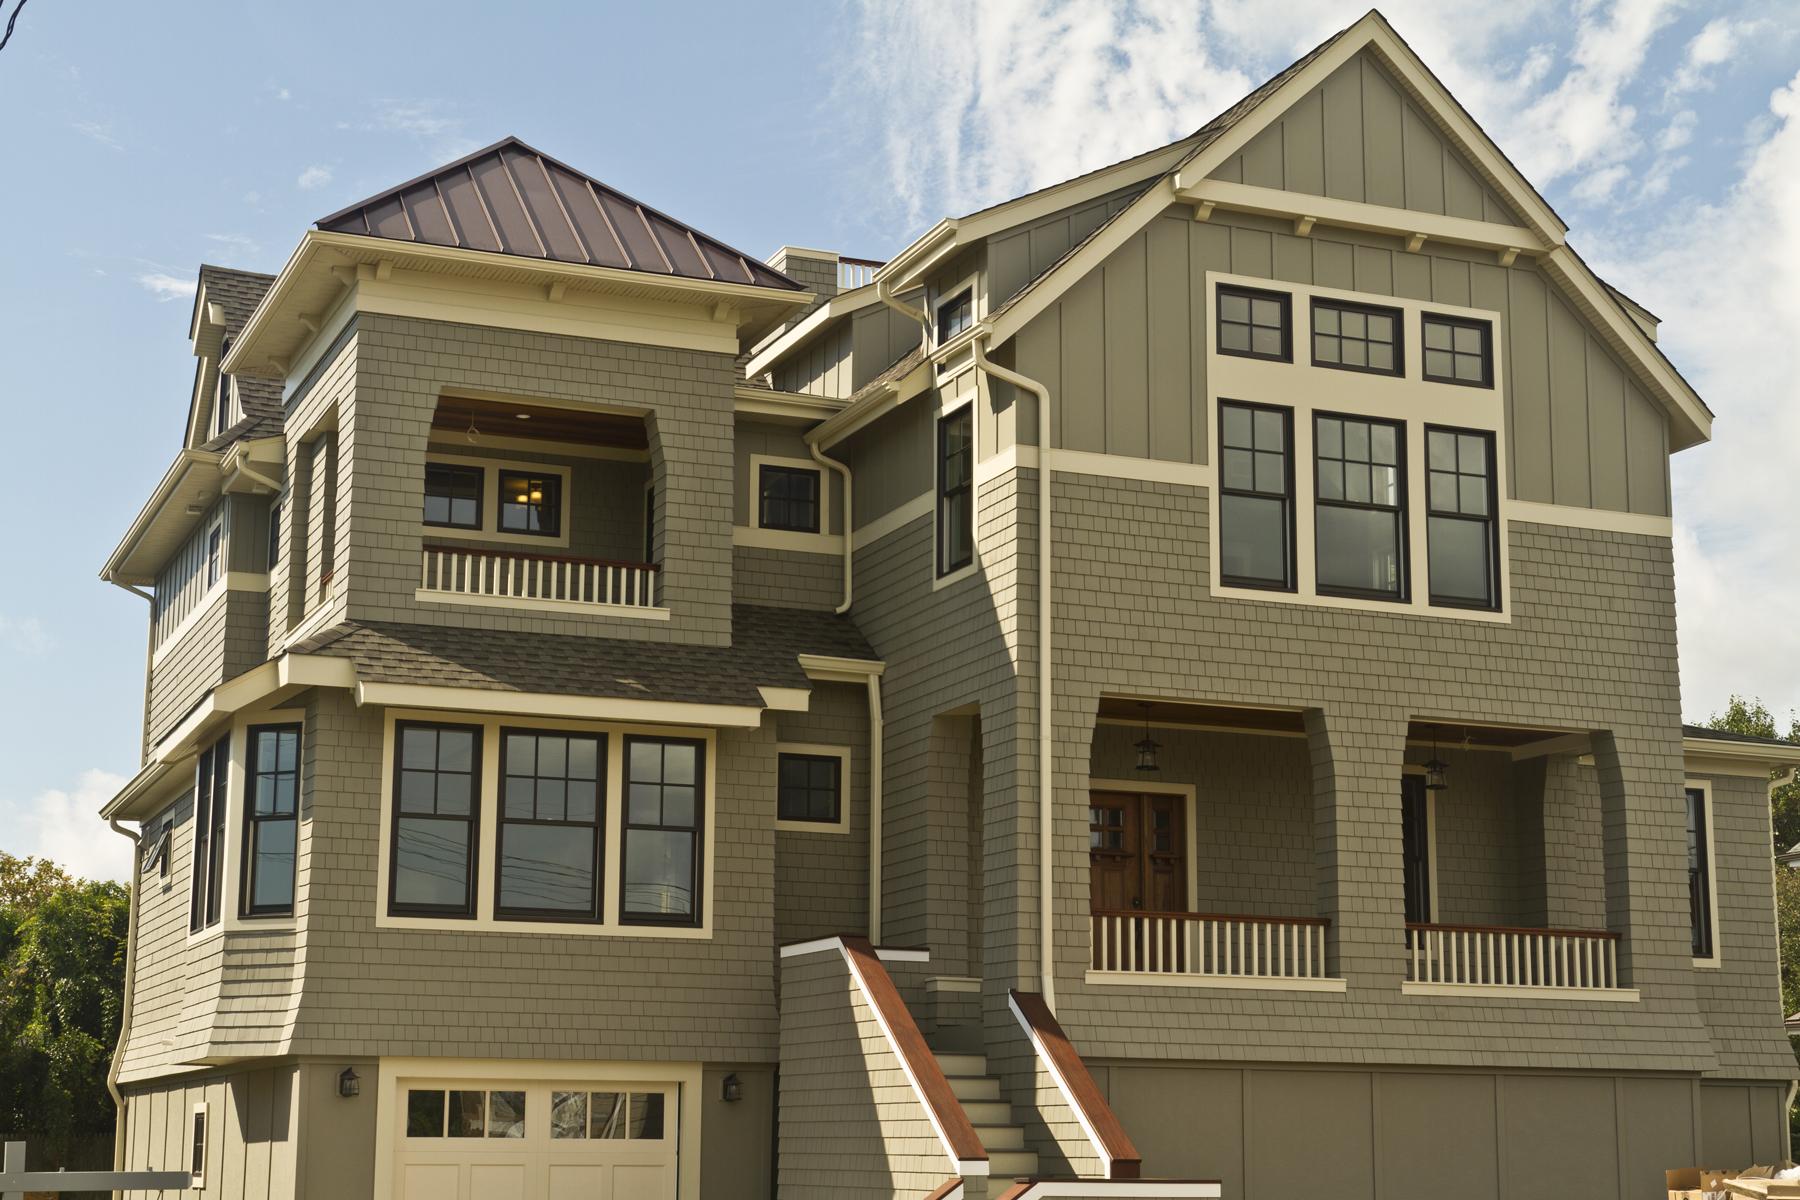 Maison unifamiliale pour l Vente à Newly Constructed Custom Designed Home! 45 Strickland Street Bay Head, New Jersey, 08742 États-Unis